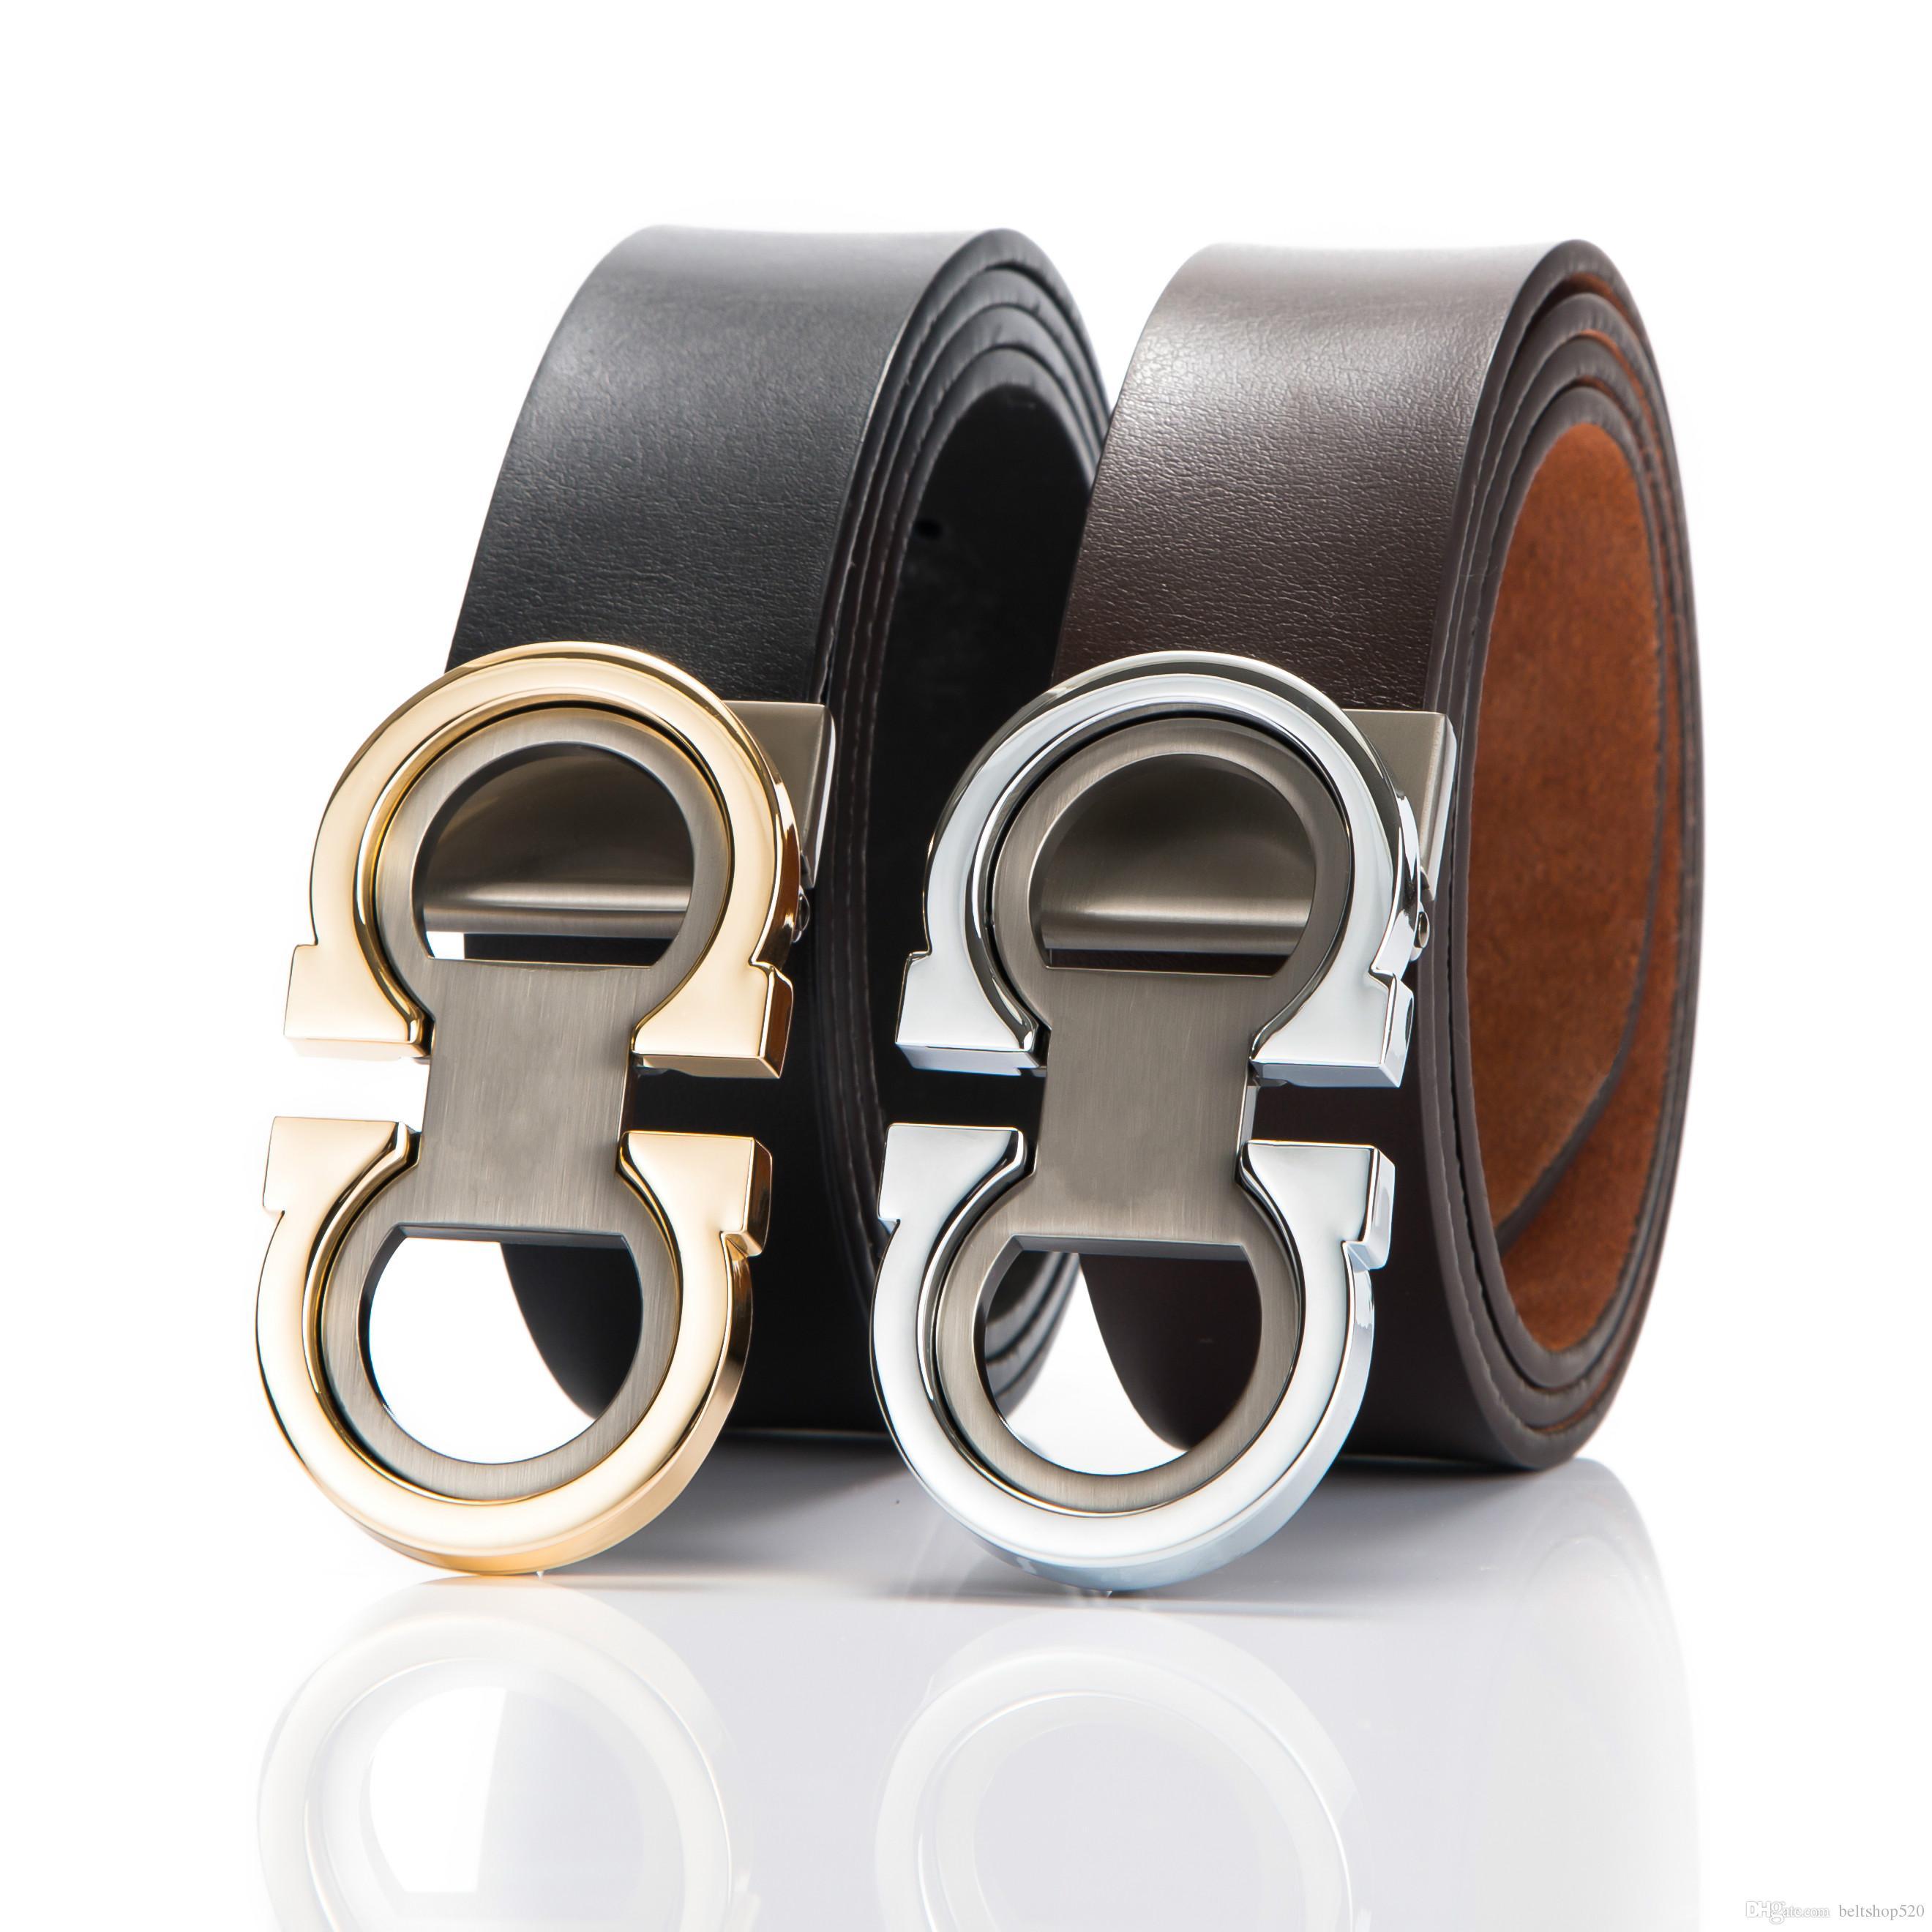 e1b467d645124 Ceinture de marque ceintures de luxe véritables Lesther pour hommes grande  boucle Waitband top qualité mode hommes en cuir ceintures marque hommes ...